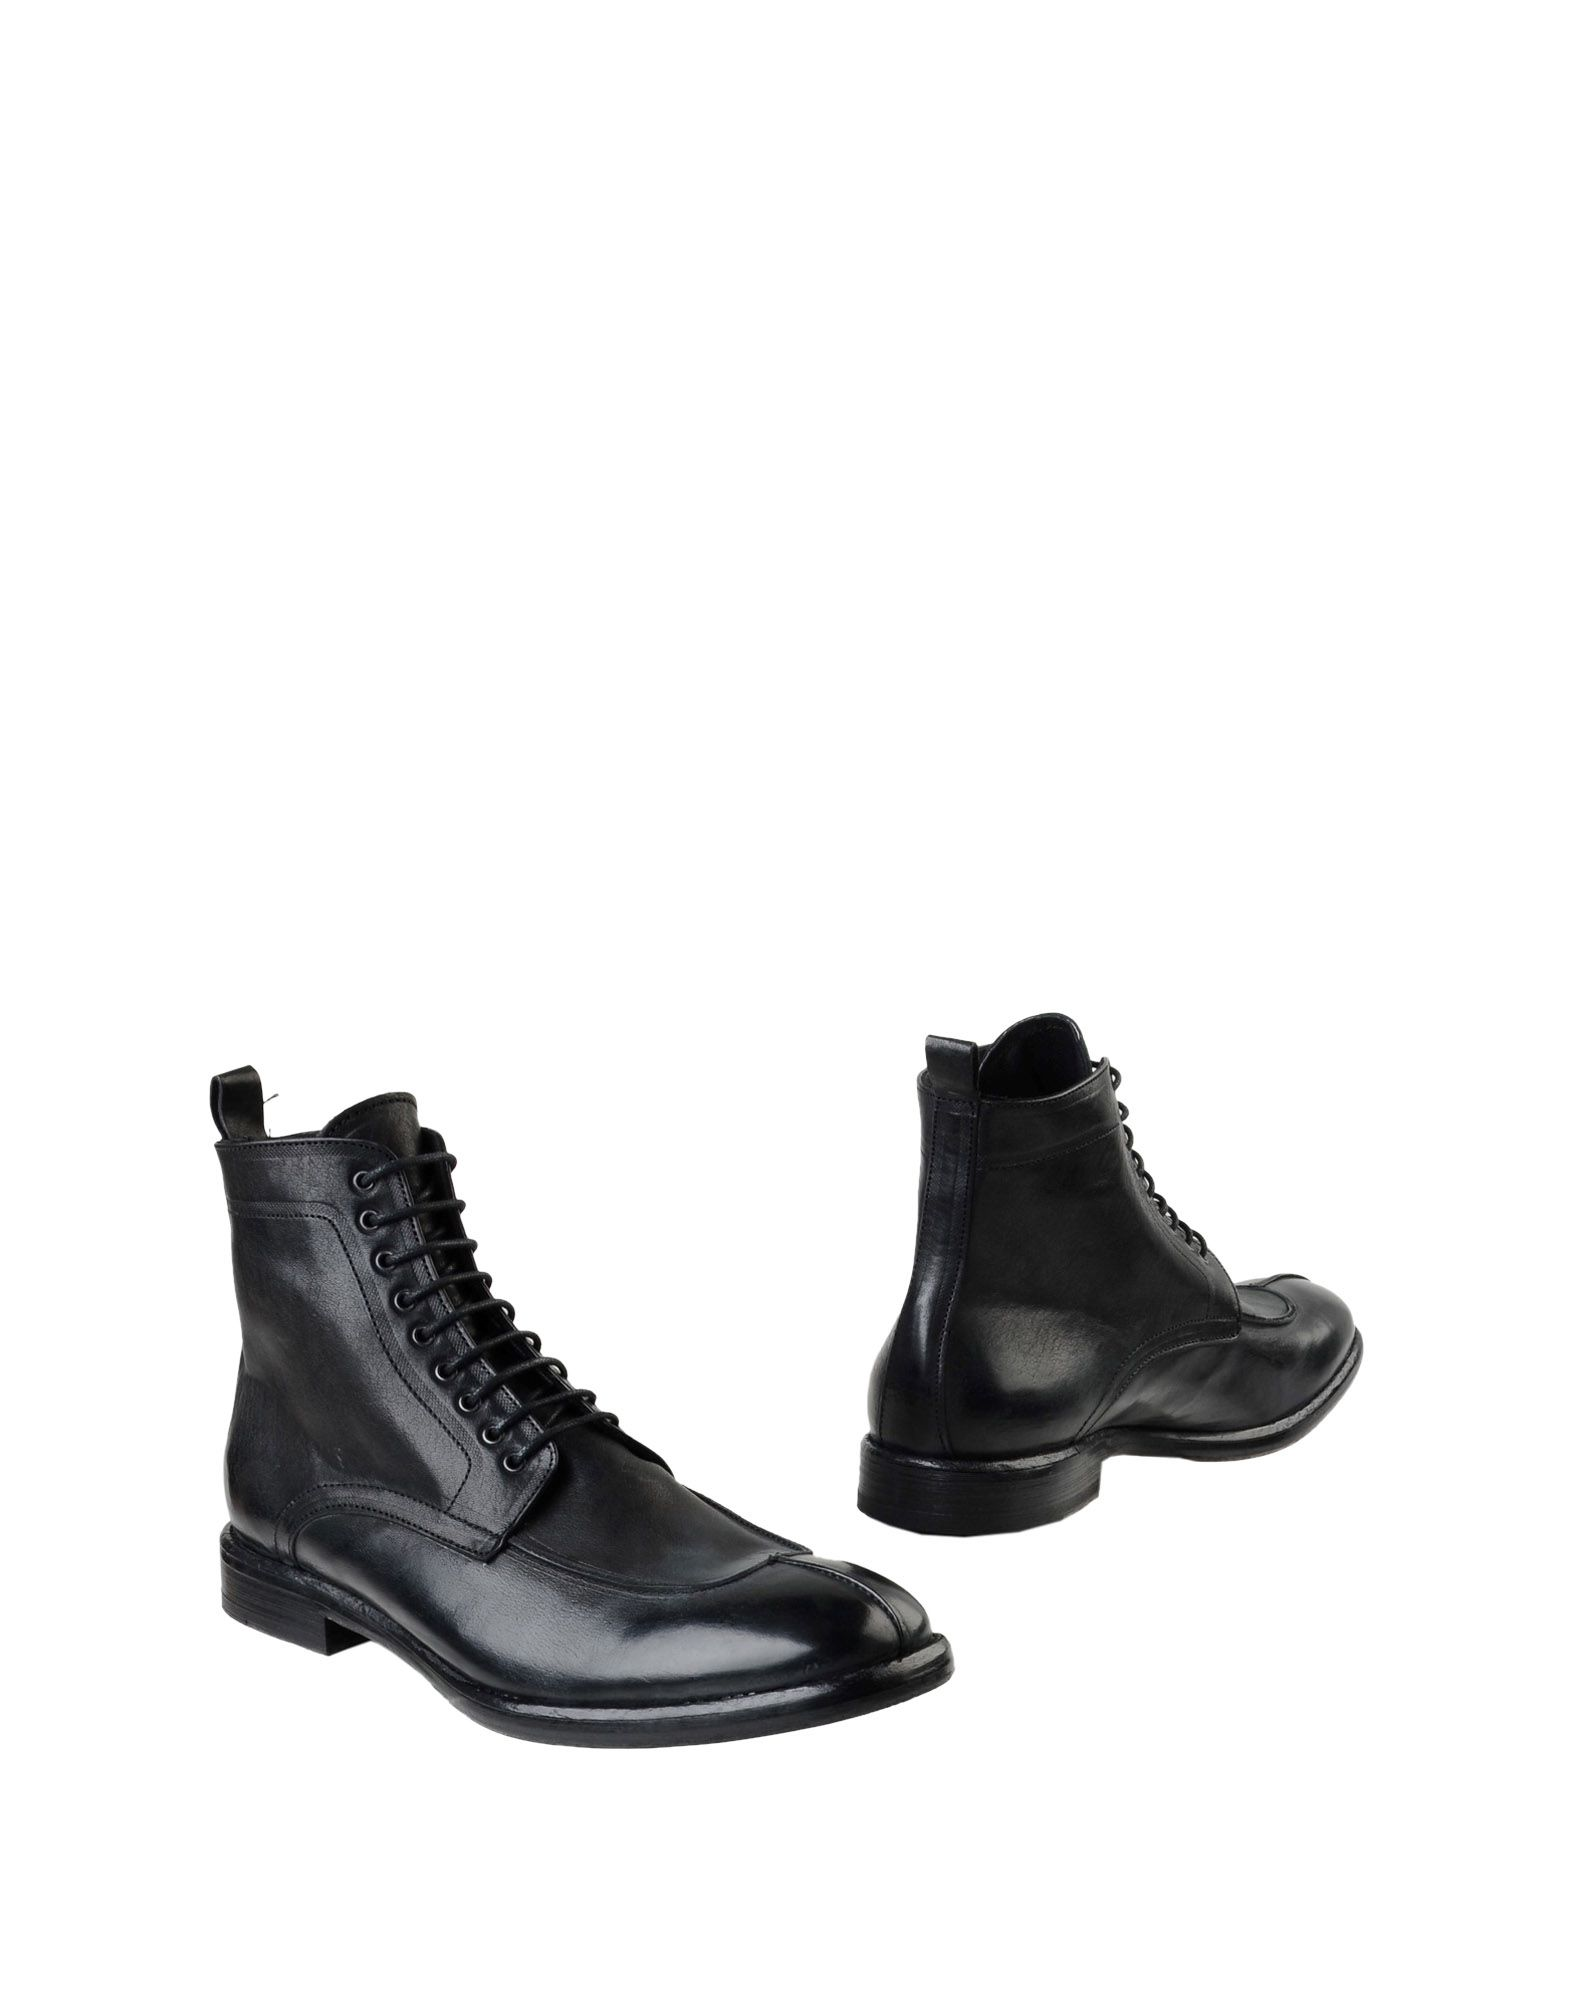 8 by YOOX Полусапоги и ысокие ботинки